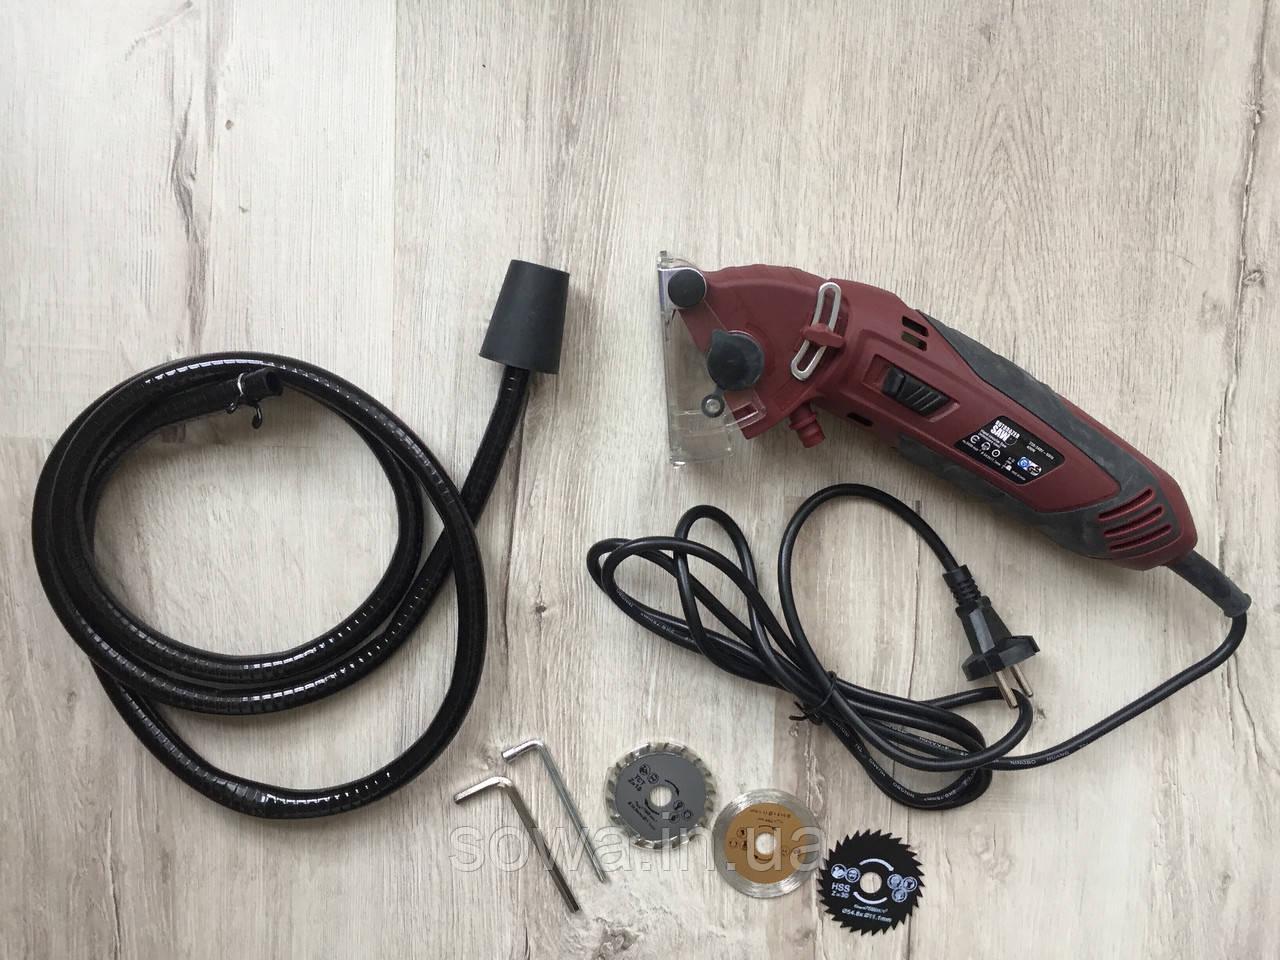 ✔️ Універсальна пила дискова роторайзер, Rotorazer Saw